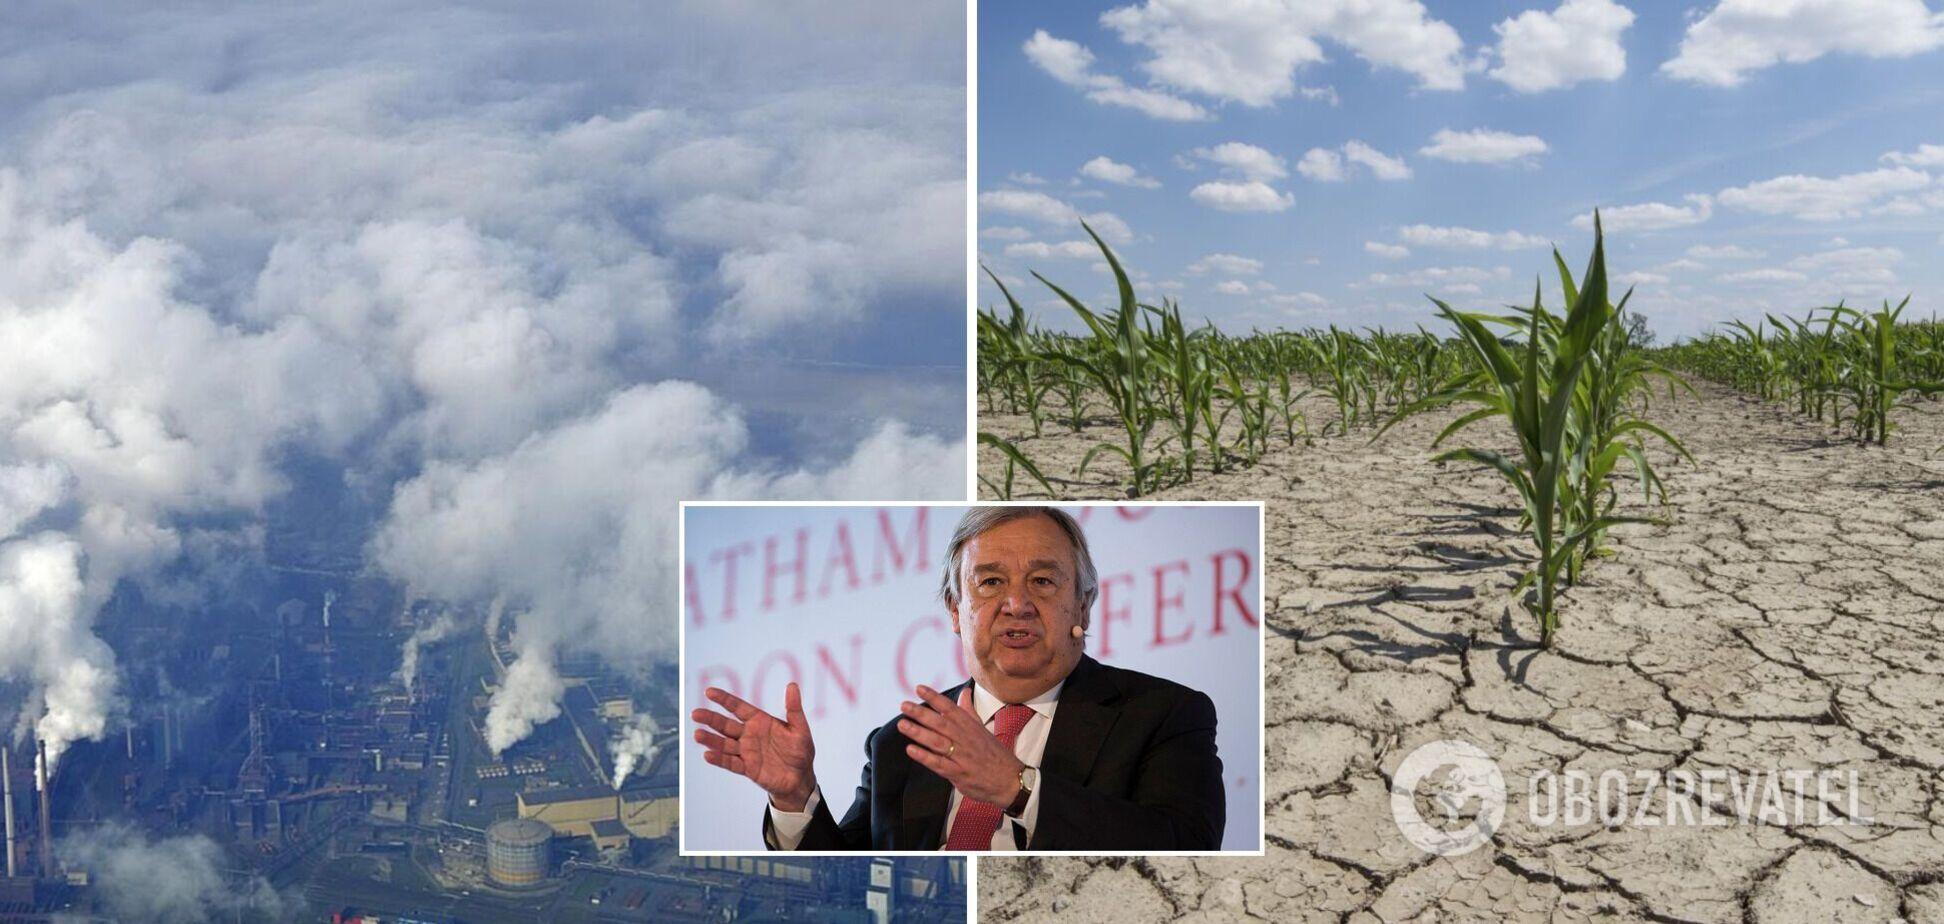 Антониу Гутерреш предостерег человечество от деятельности, которая ускоряет глобальное потепление на планете